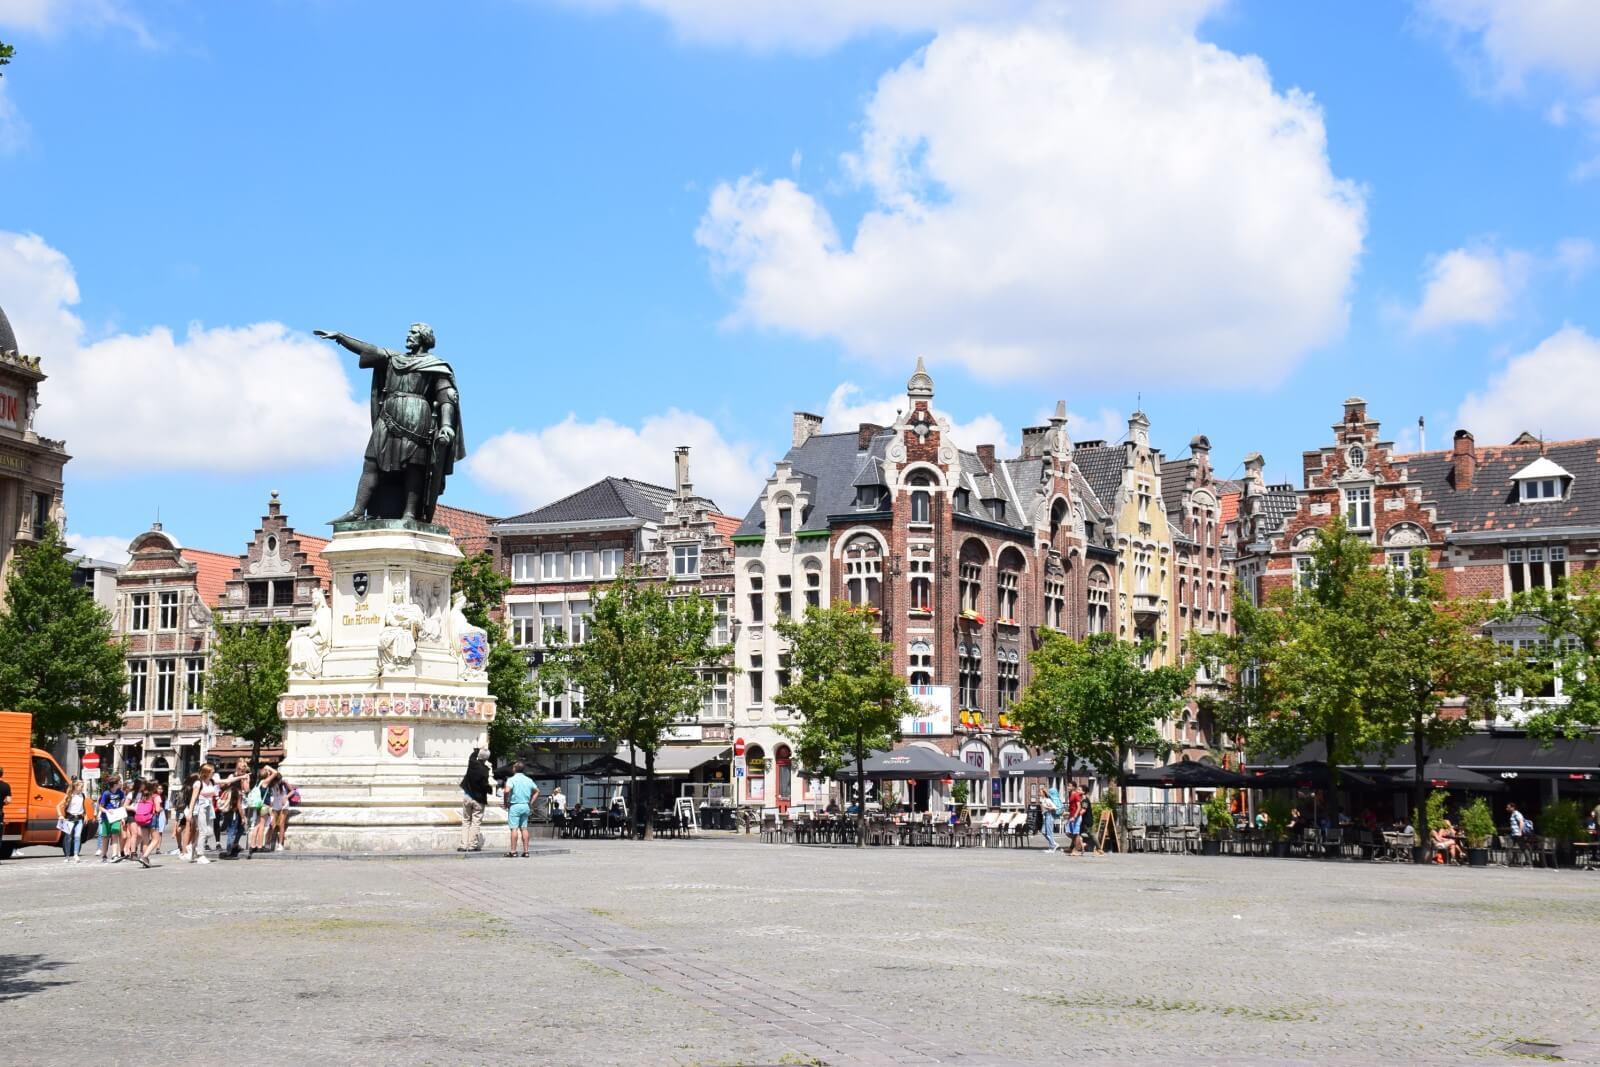 Statue de Jacob Van Artevelde au Vrijdagmarkt (Marché du vendredi).